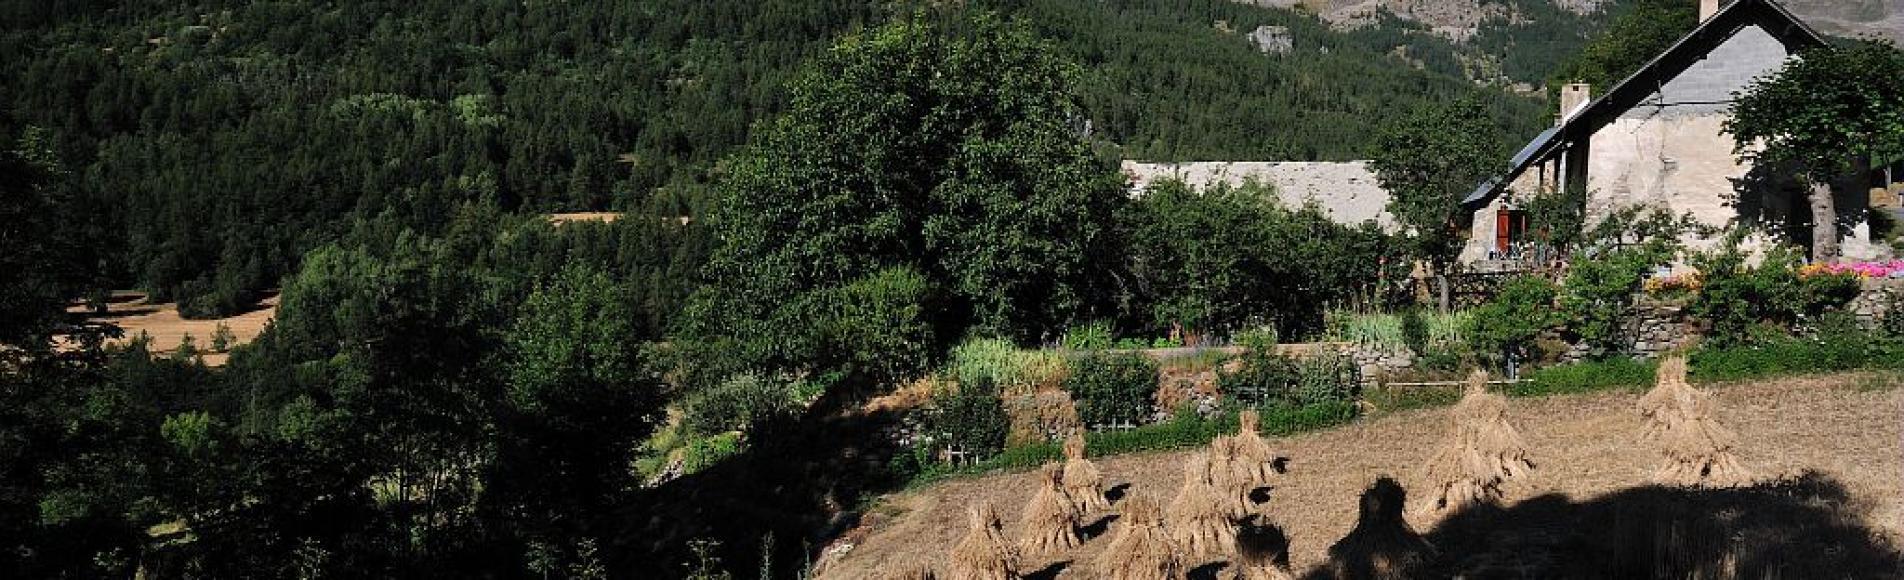 Blé en gerbes (butchis) Les Anges - Réallon ©Coulon Mireille - Parc national des Ecrins